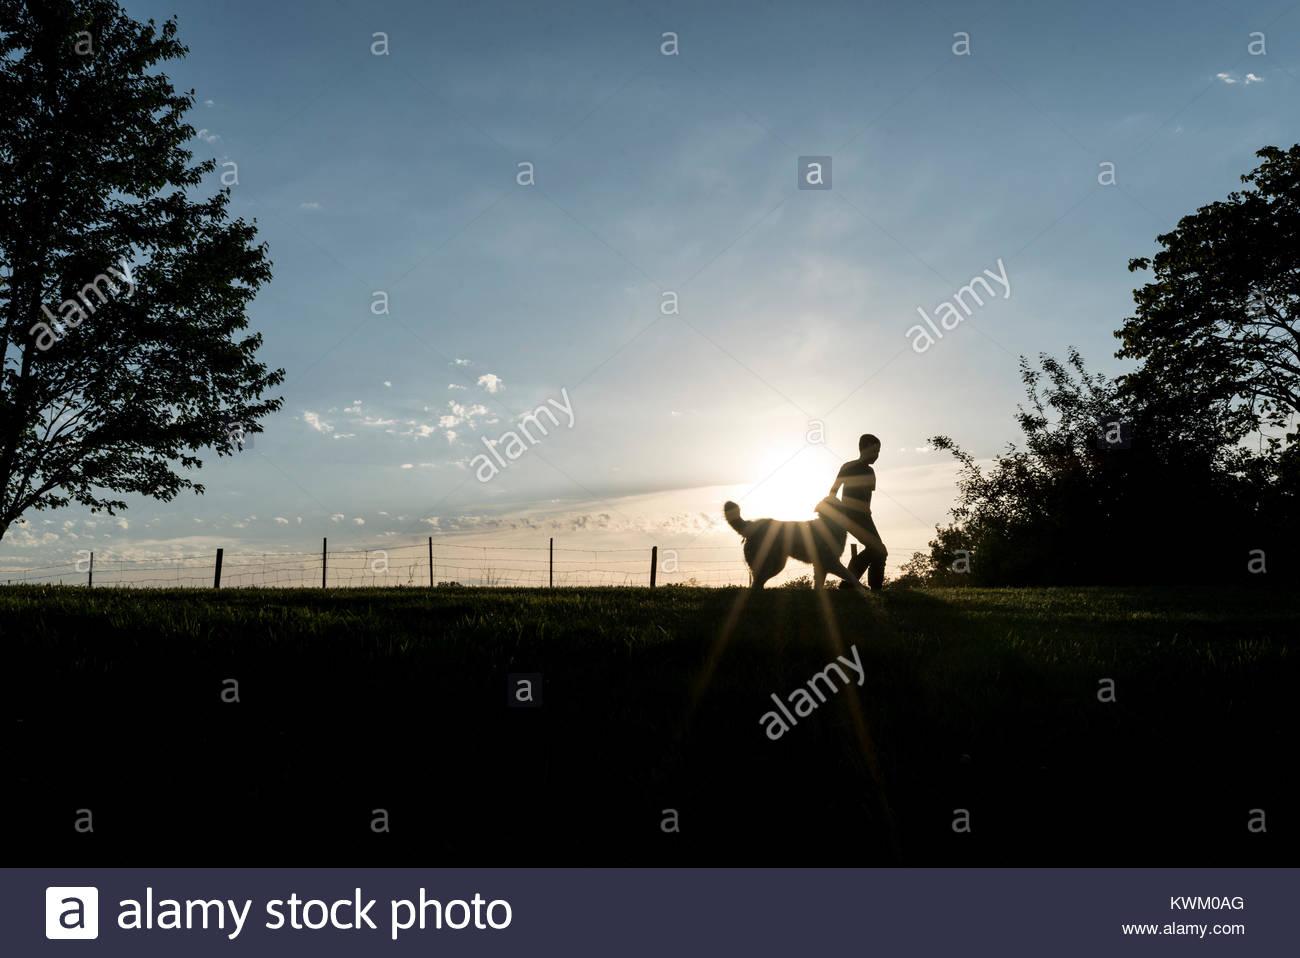 Silhouette garçon au chien sur terrain contre le ciel au coucher du soleil Photo Stock